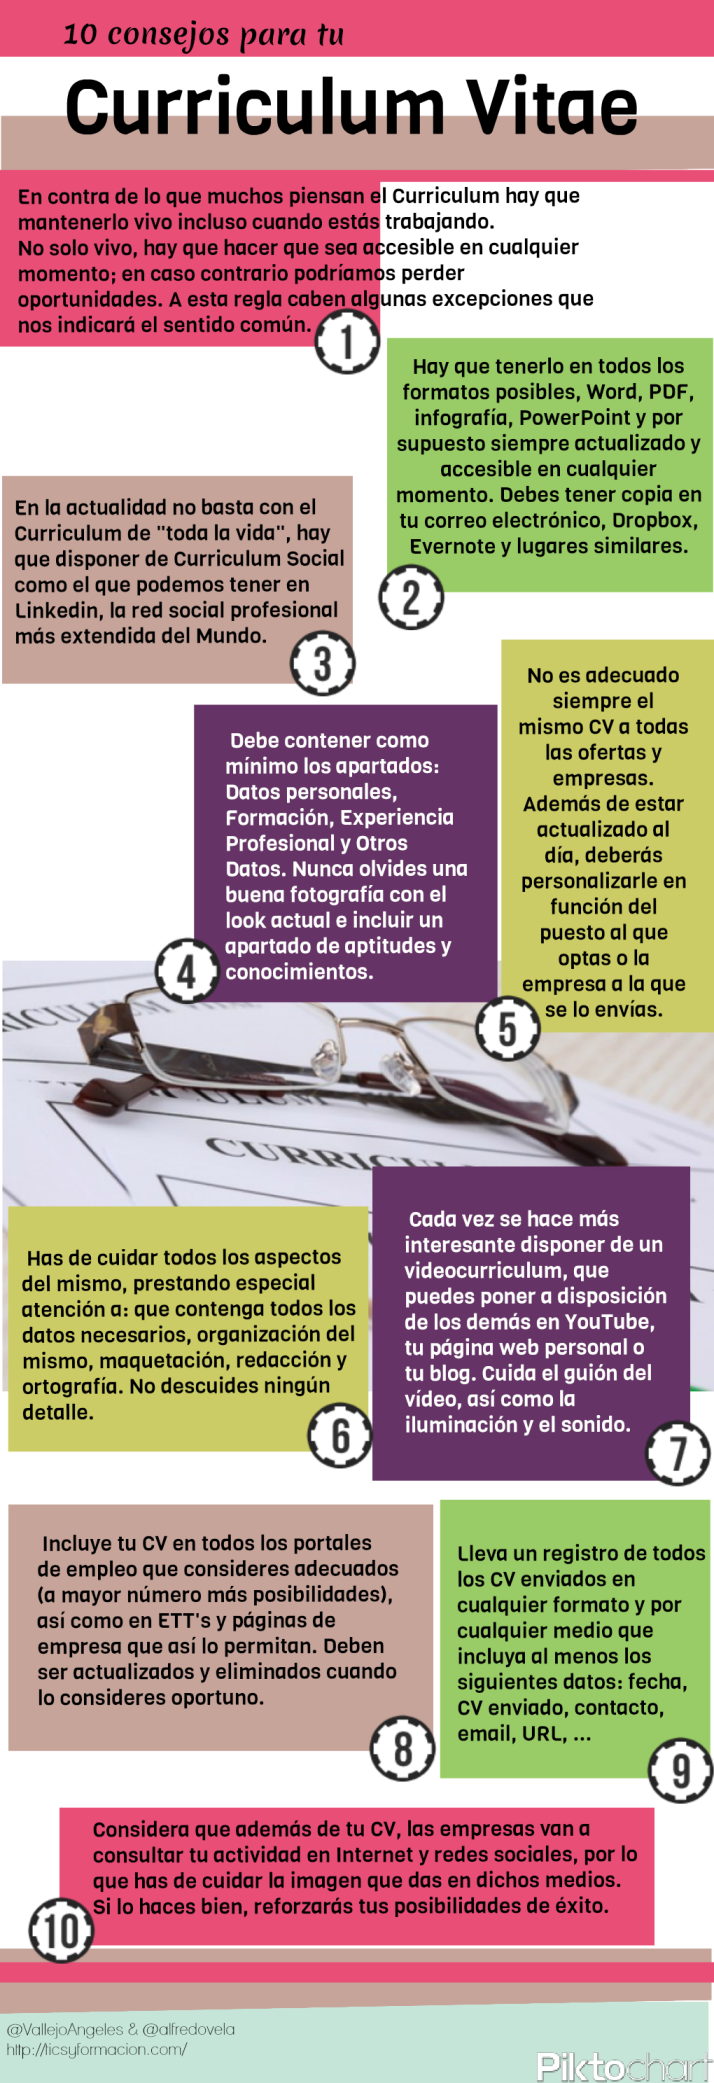 10 consejos para tu Curriculum Vitae | CV | Pinterest | Consejos ...